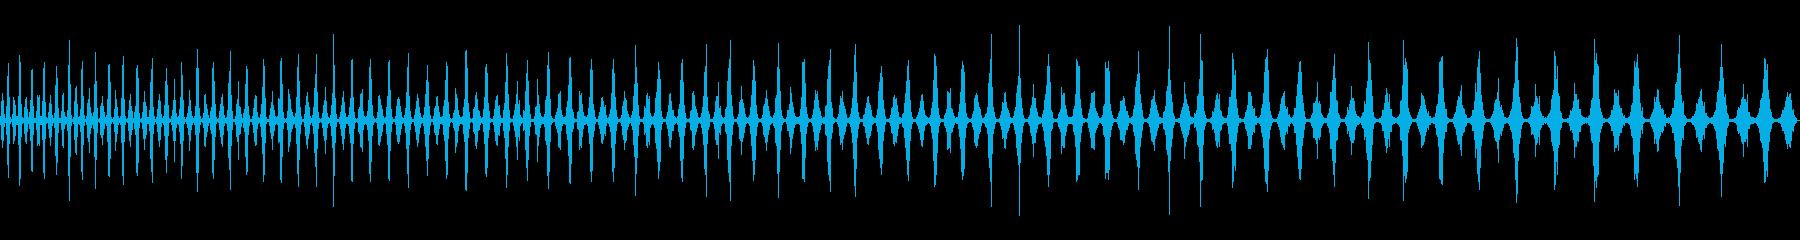 トーンチャッターモータースピンダウ...の再生済みの波形